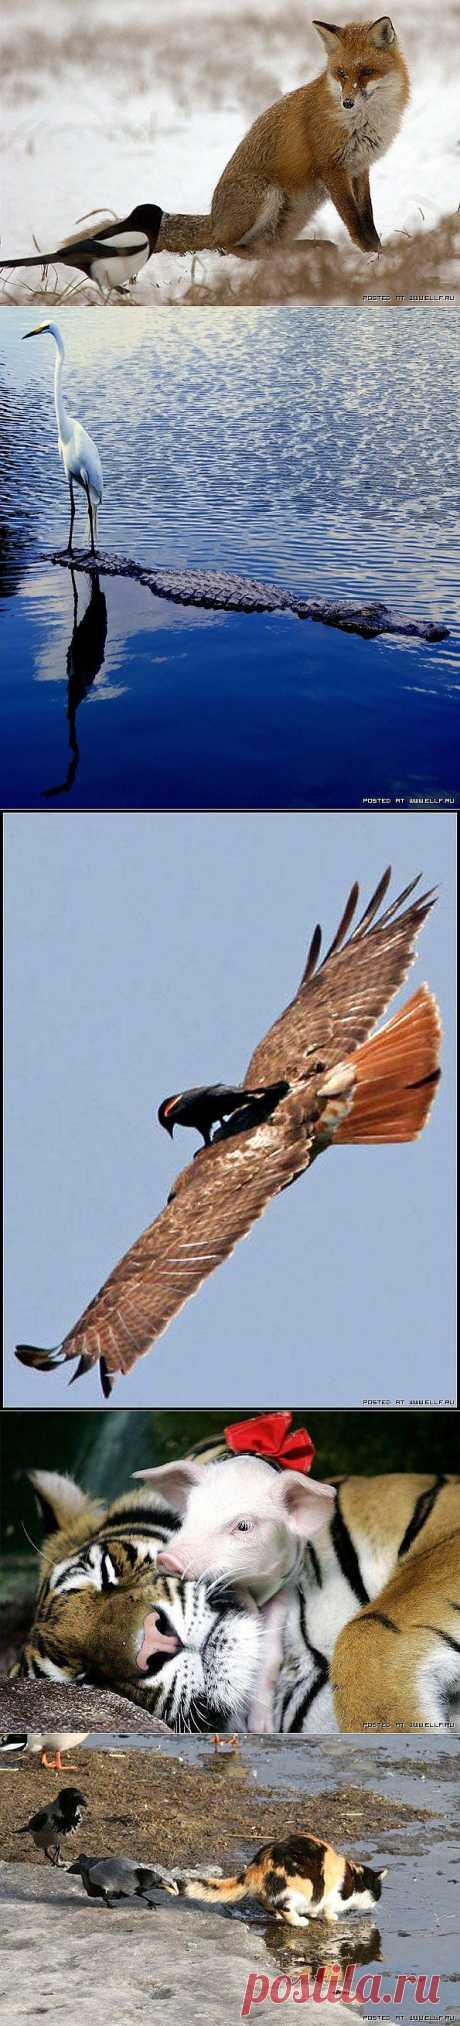 Необычный животный мир (12 фото)